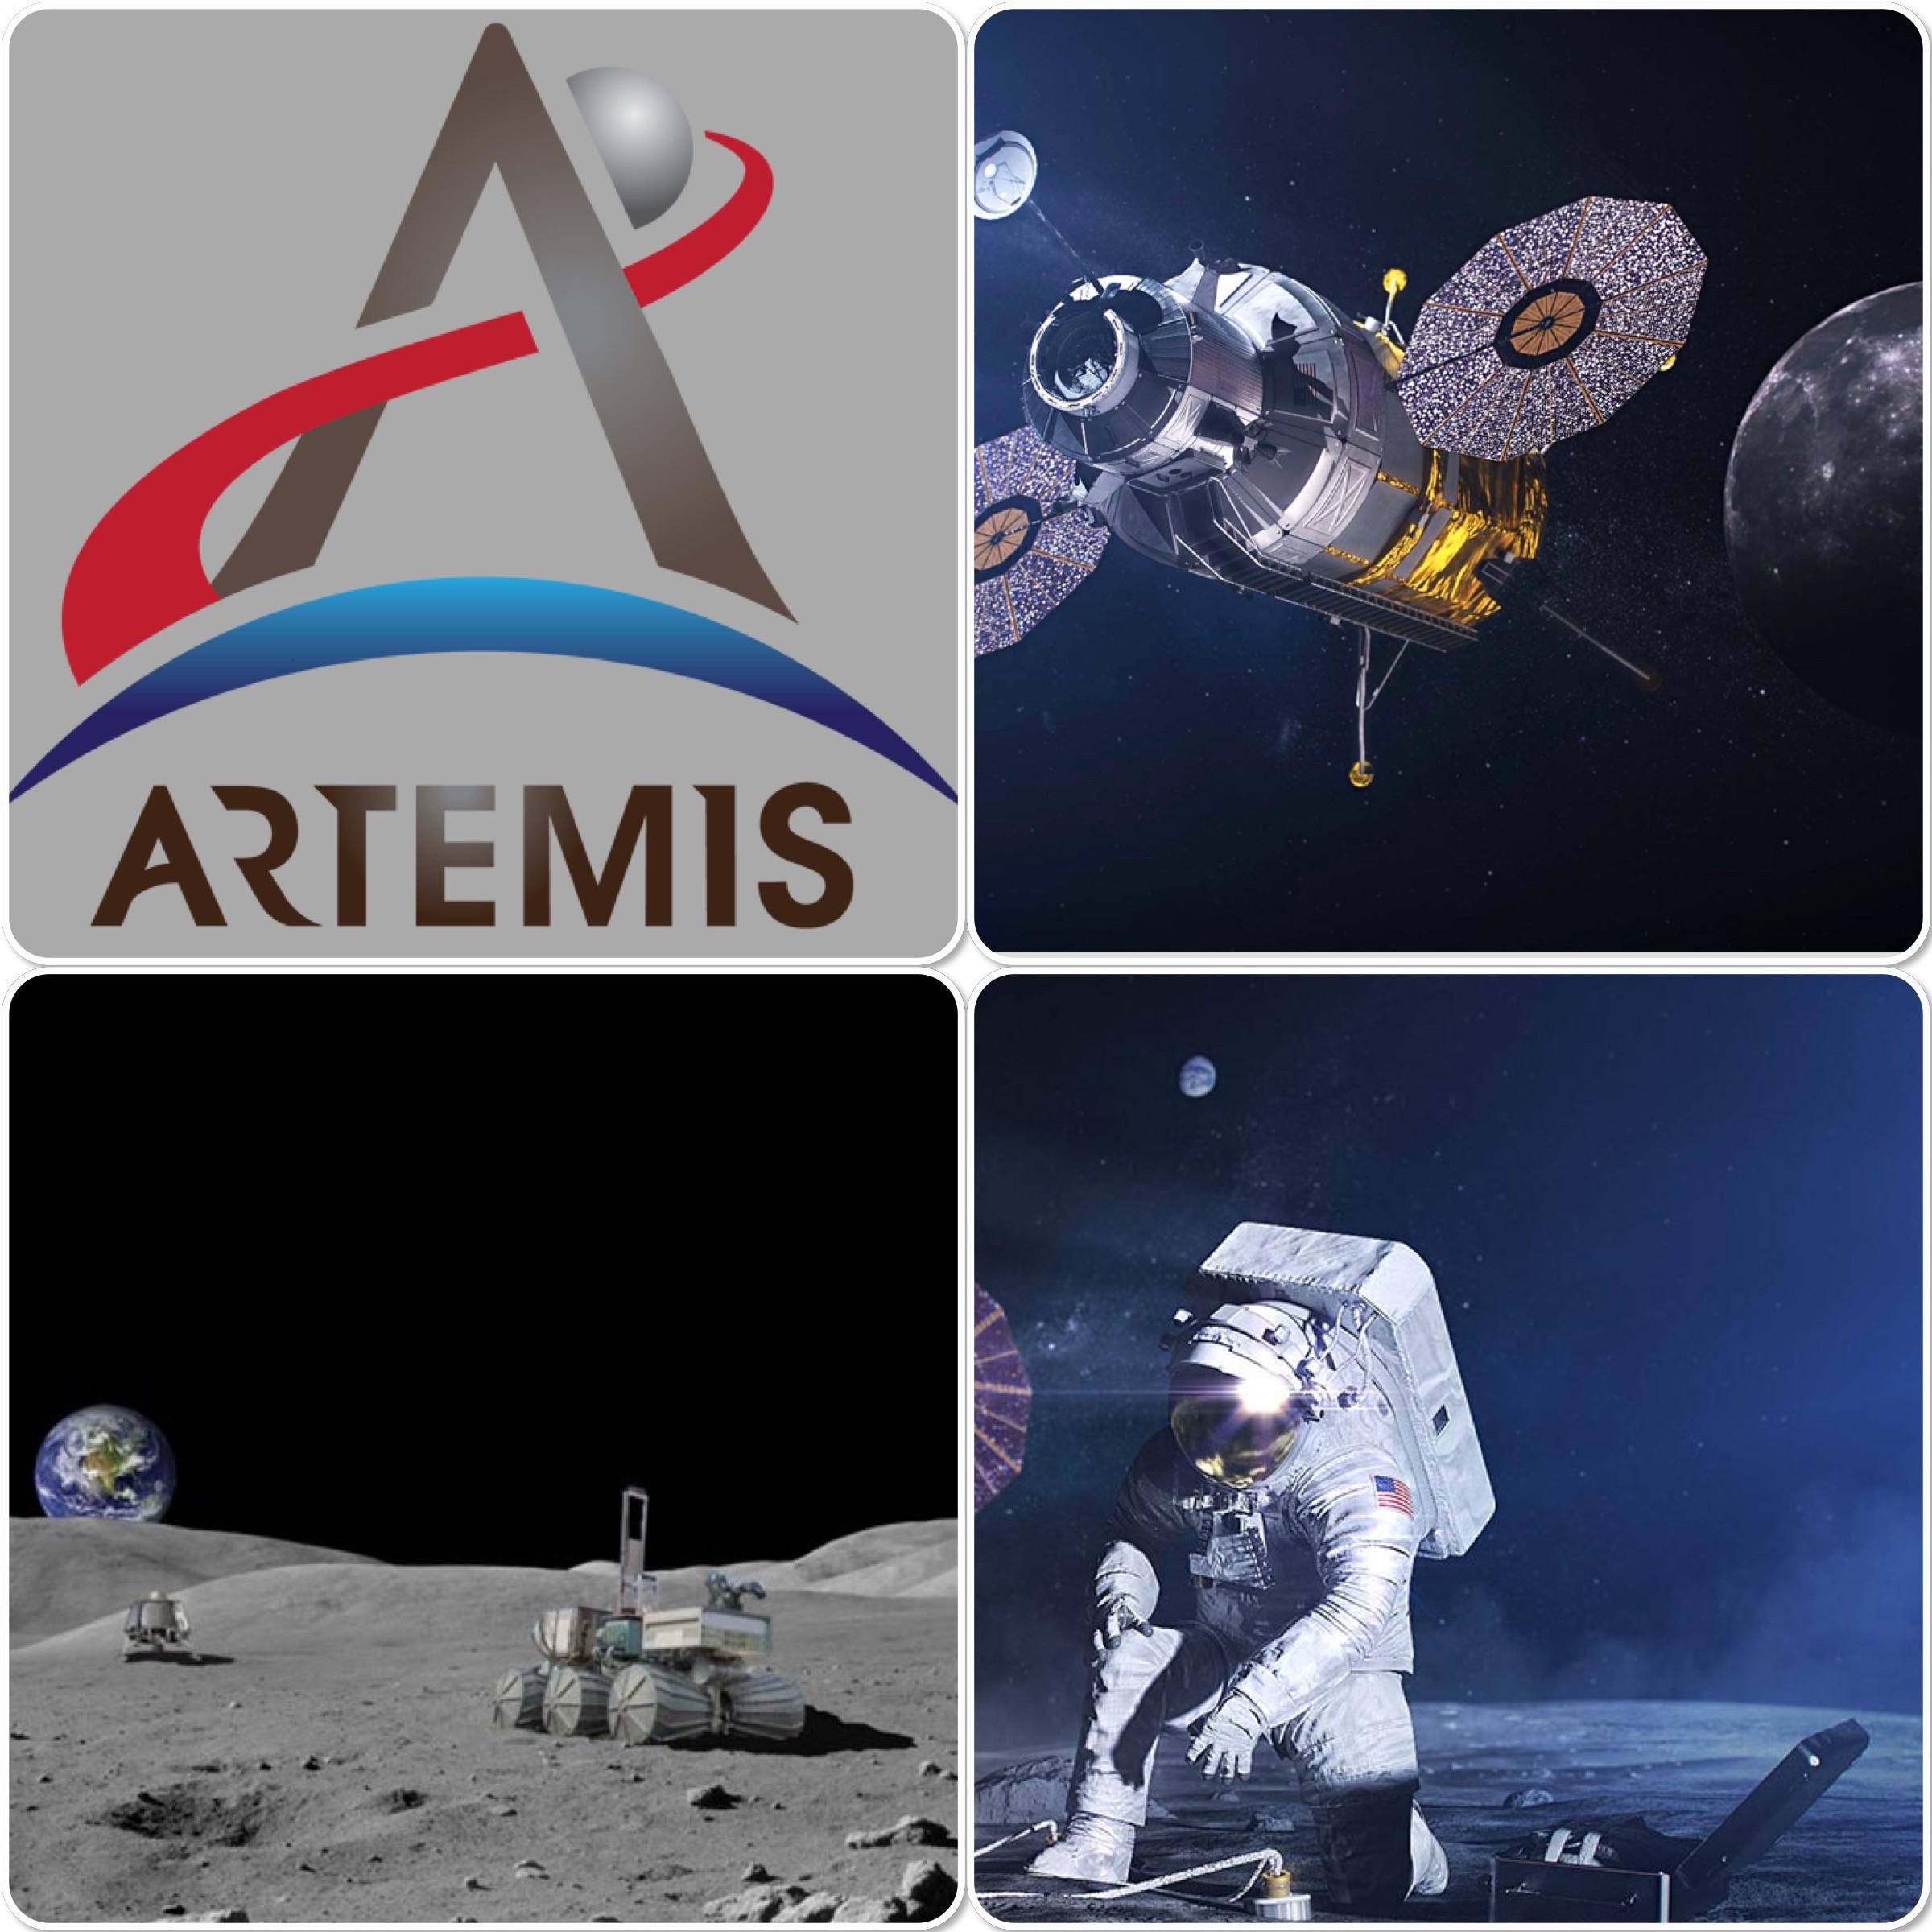 Artemis-Programm der NASA